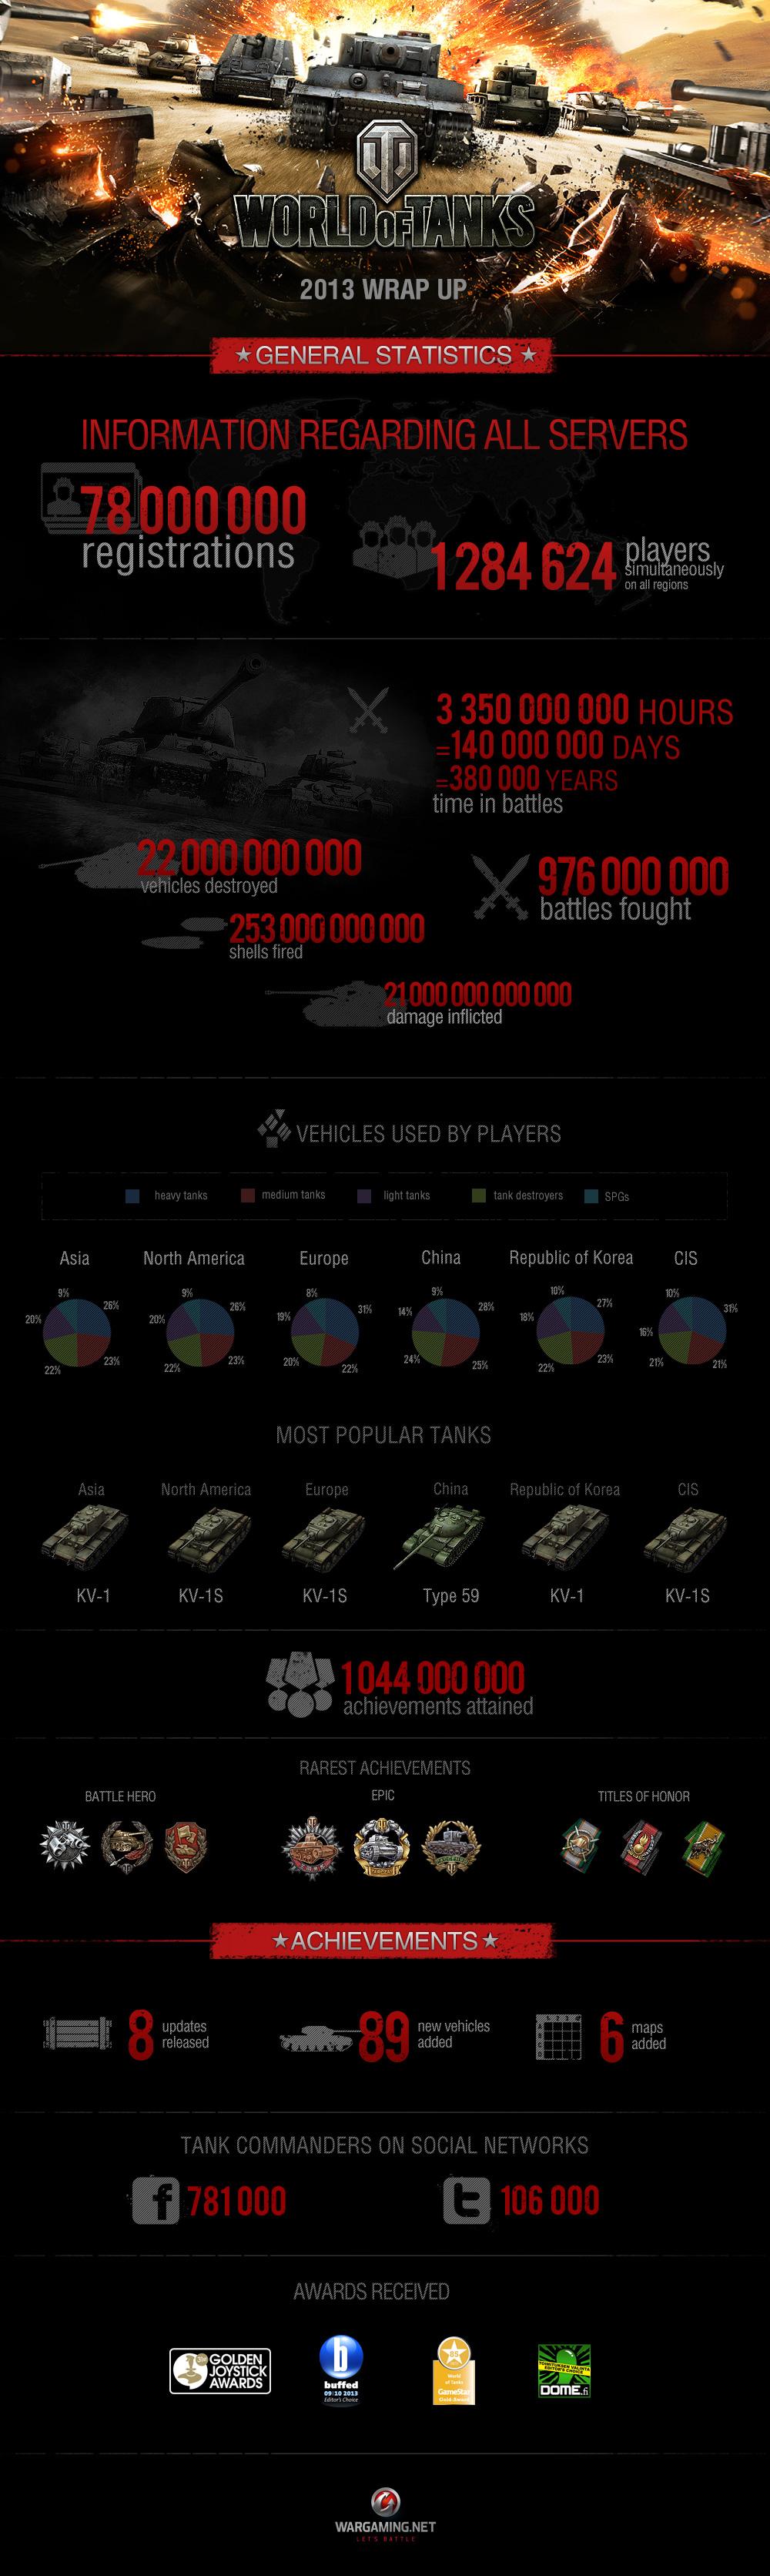 World of tanks_infographics2013_en